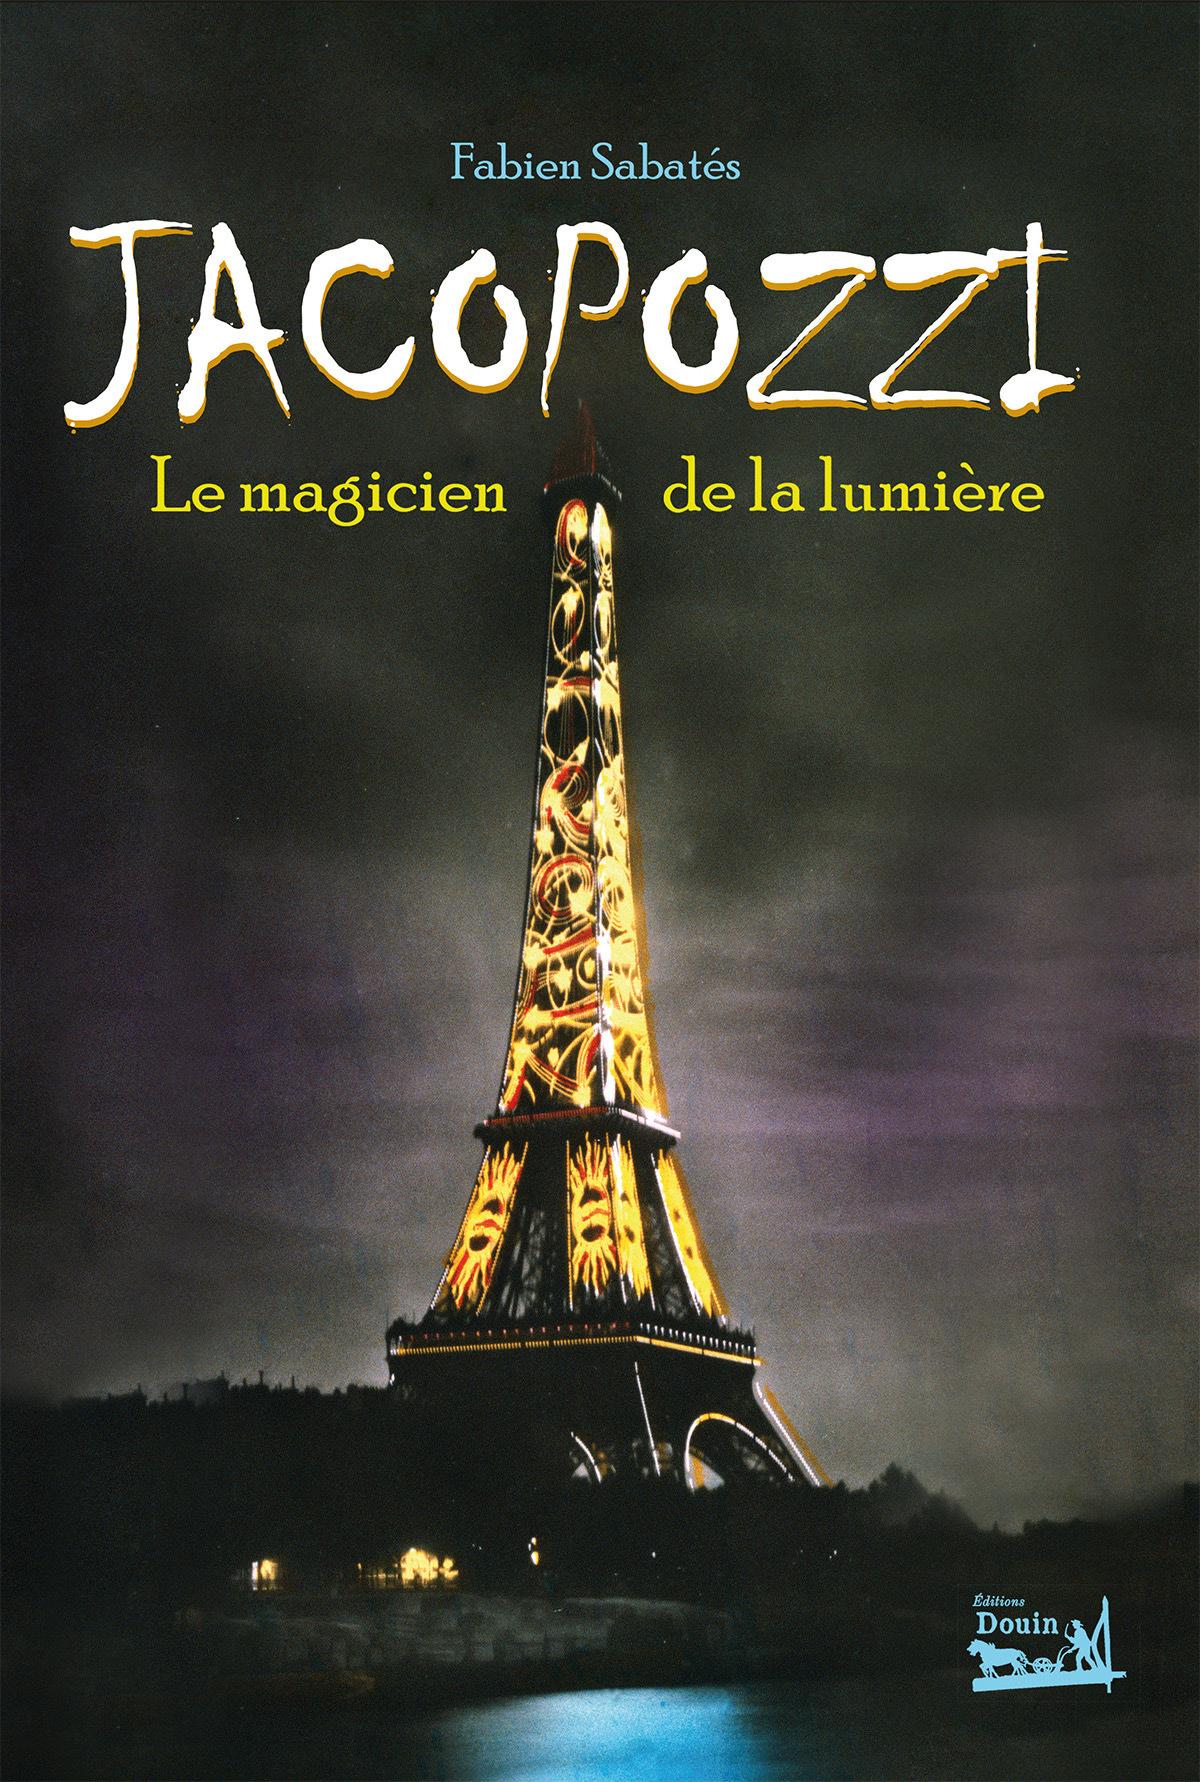 Superbe livre richement illustré sur Jacopozzi, le magicien de la lumière. Fabien Sabatès conte l'inventeur des illuminations de Paris et de la Tour Eiffel.